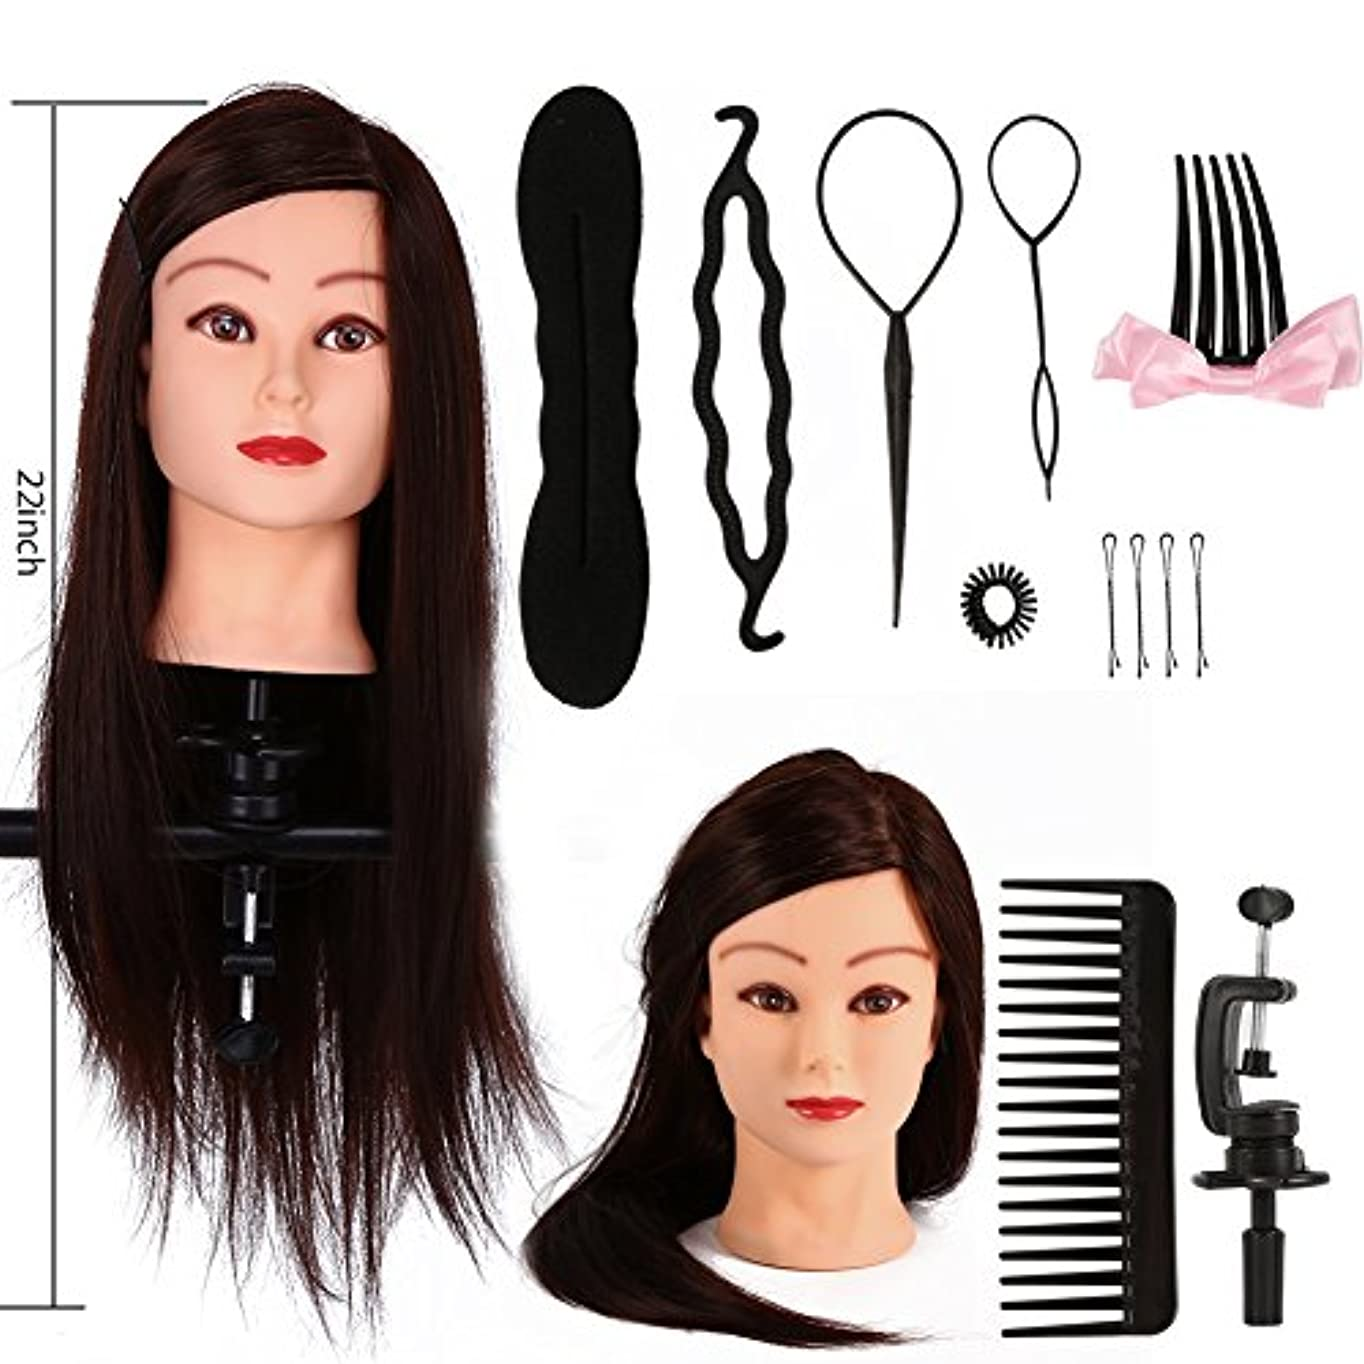 ハウジング注釈を付ける統合マネキンヘッド、美容院トレーニング実践ヘッドマネキンロング理髪+ブレードセットツール(1#)